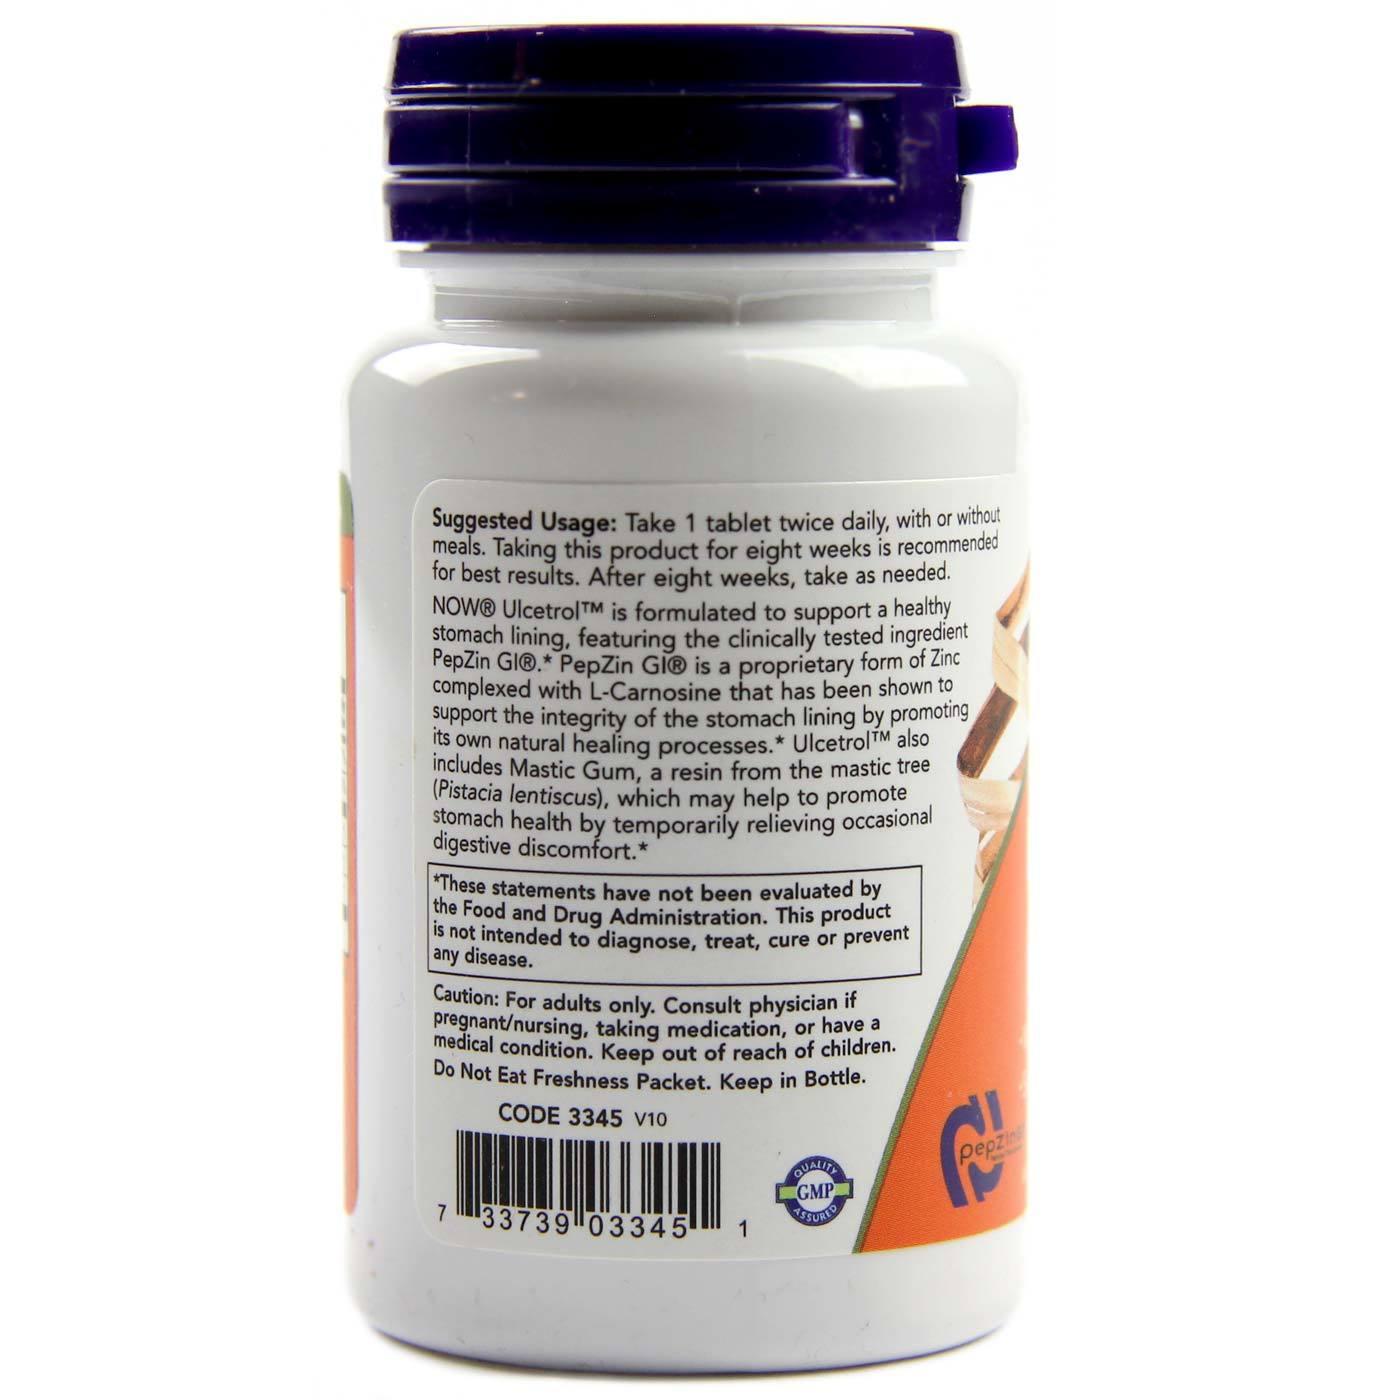 Ульцетрол 60 таблеток